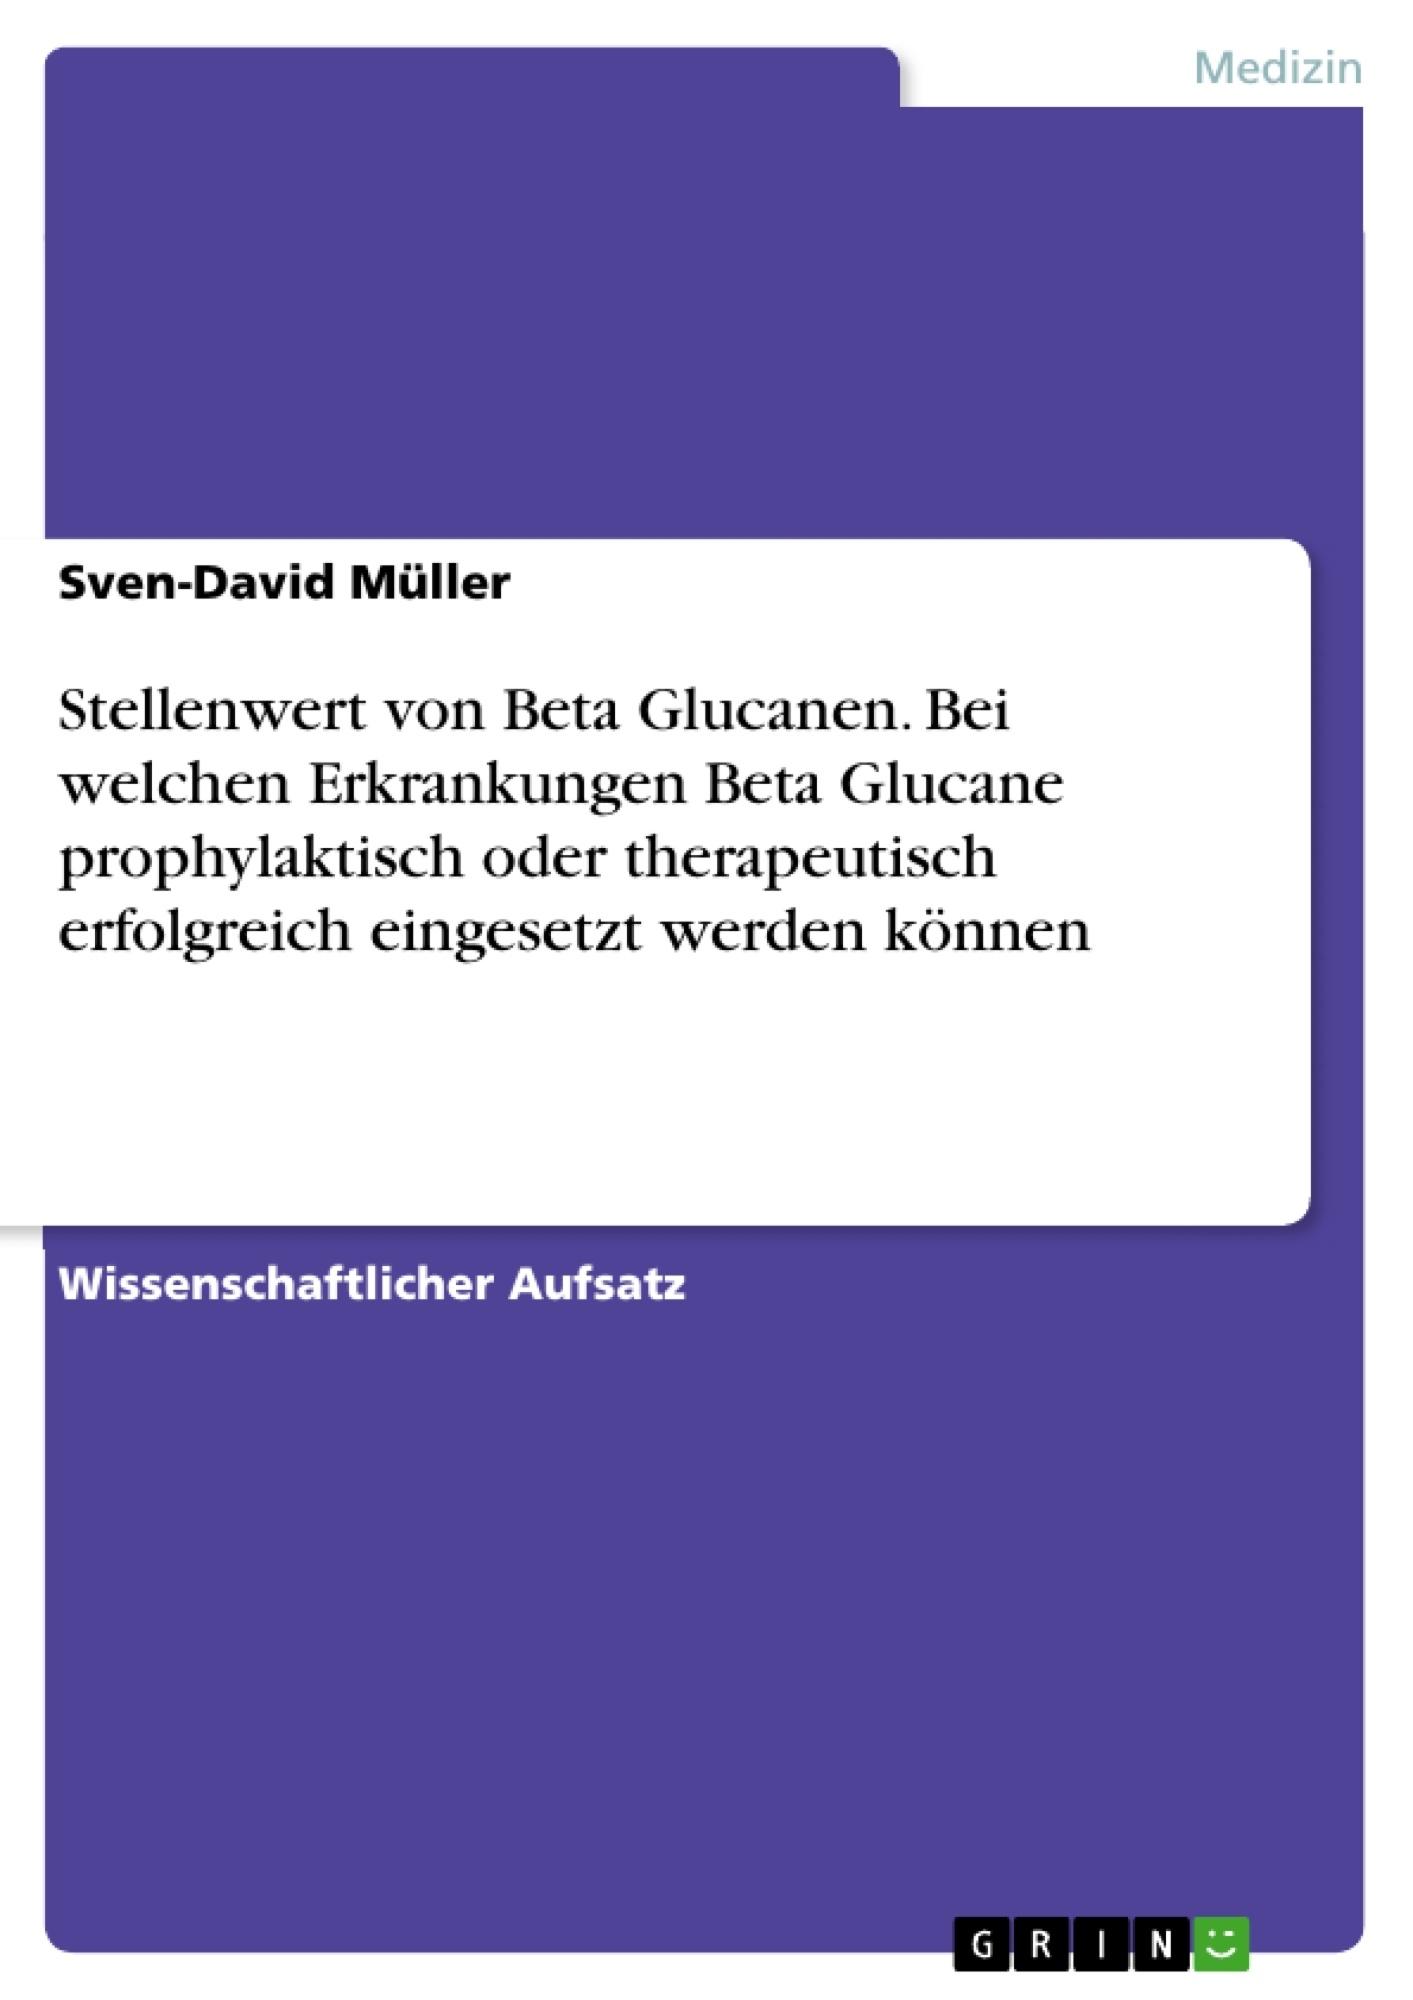 Titel: Stellenwert von Beta Glucanen. Bei welchen Erkrankungen Beta Glucane prophylaktisch oder therapeutisch erfolgreich eingesetzt werden können